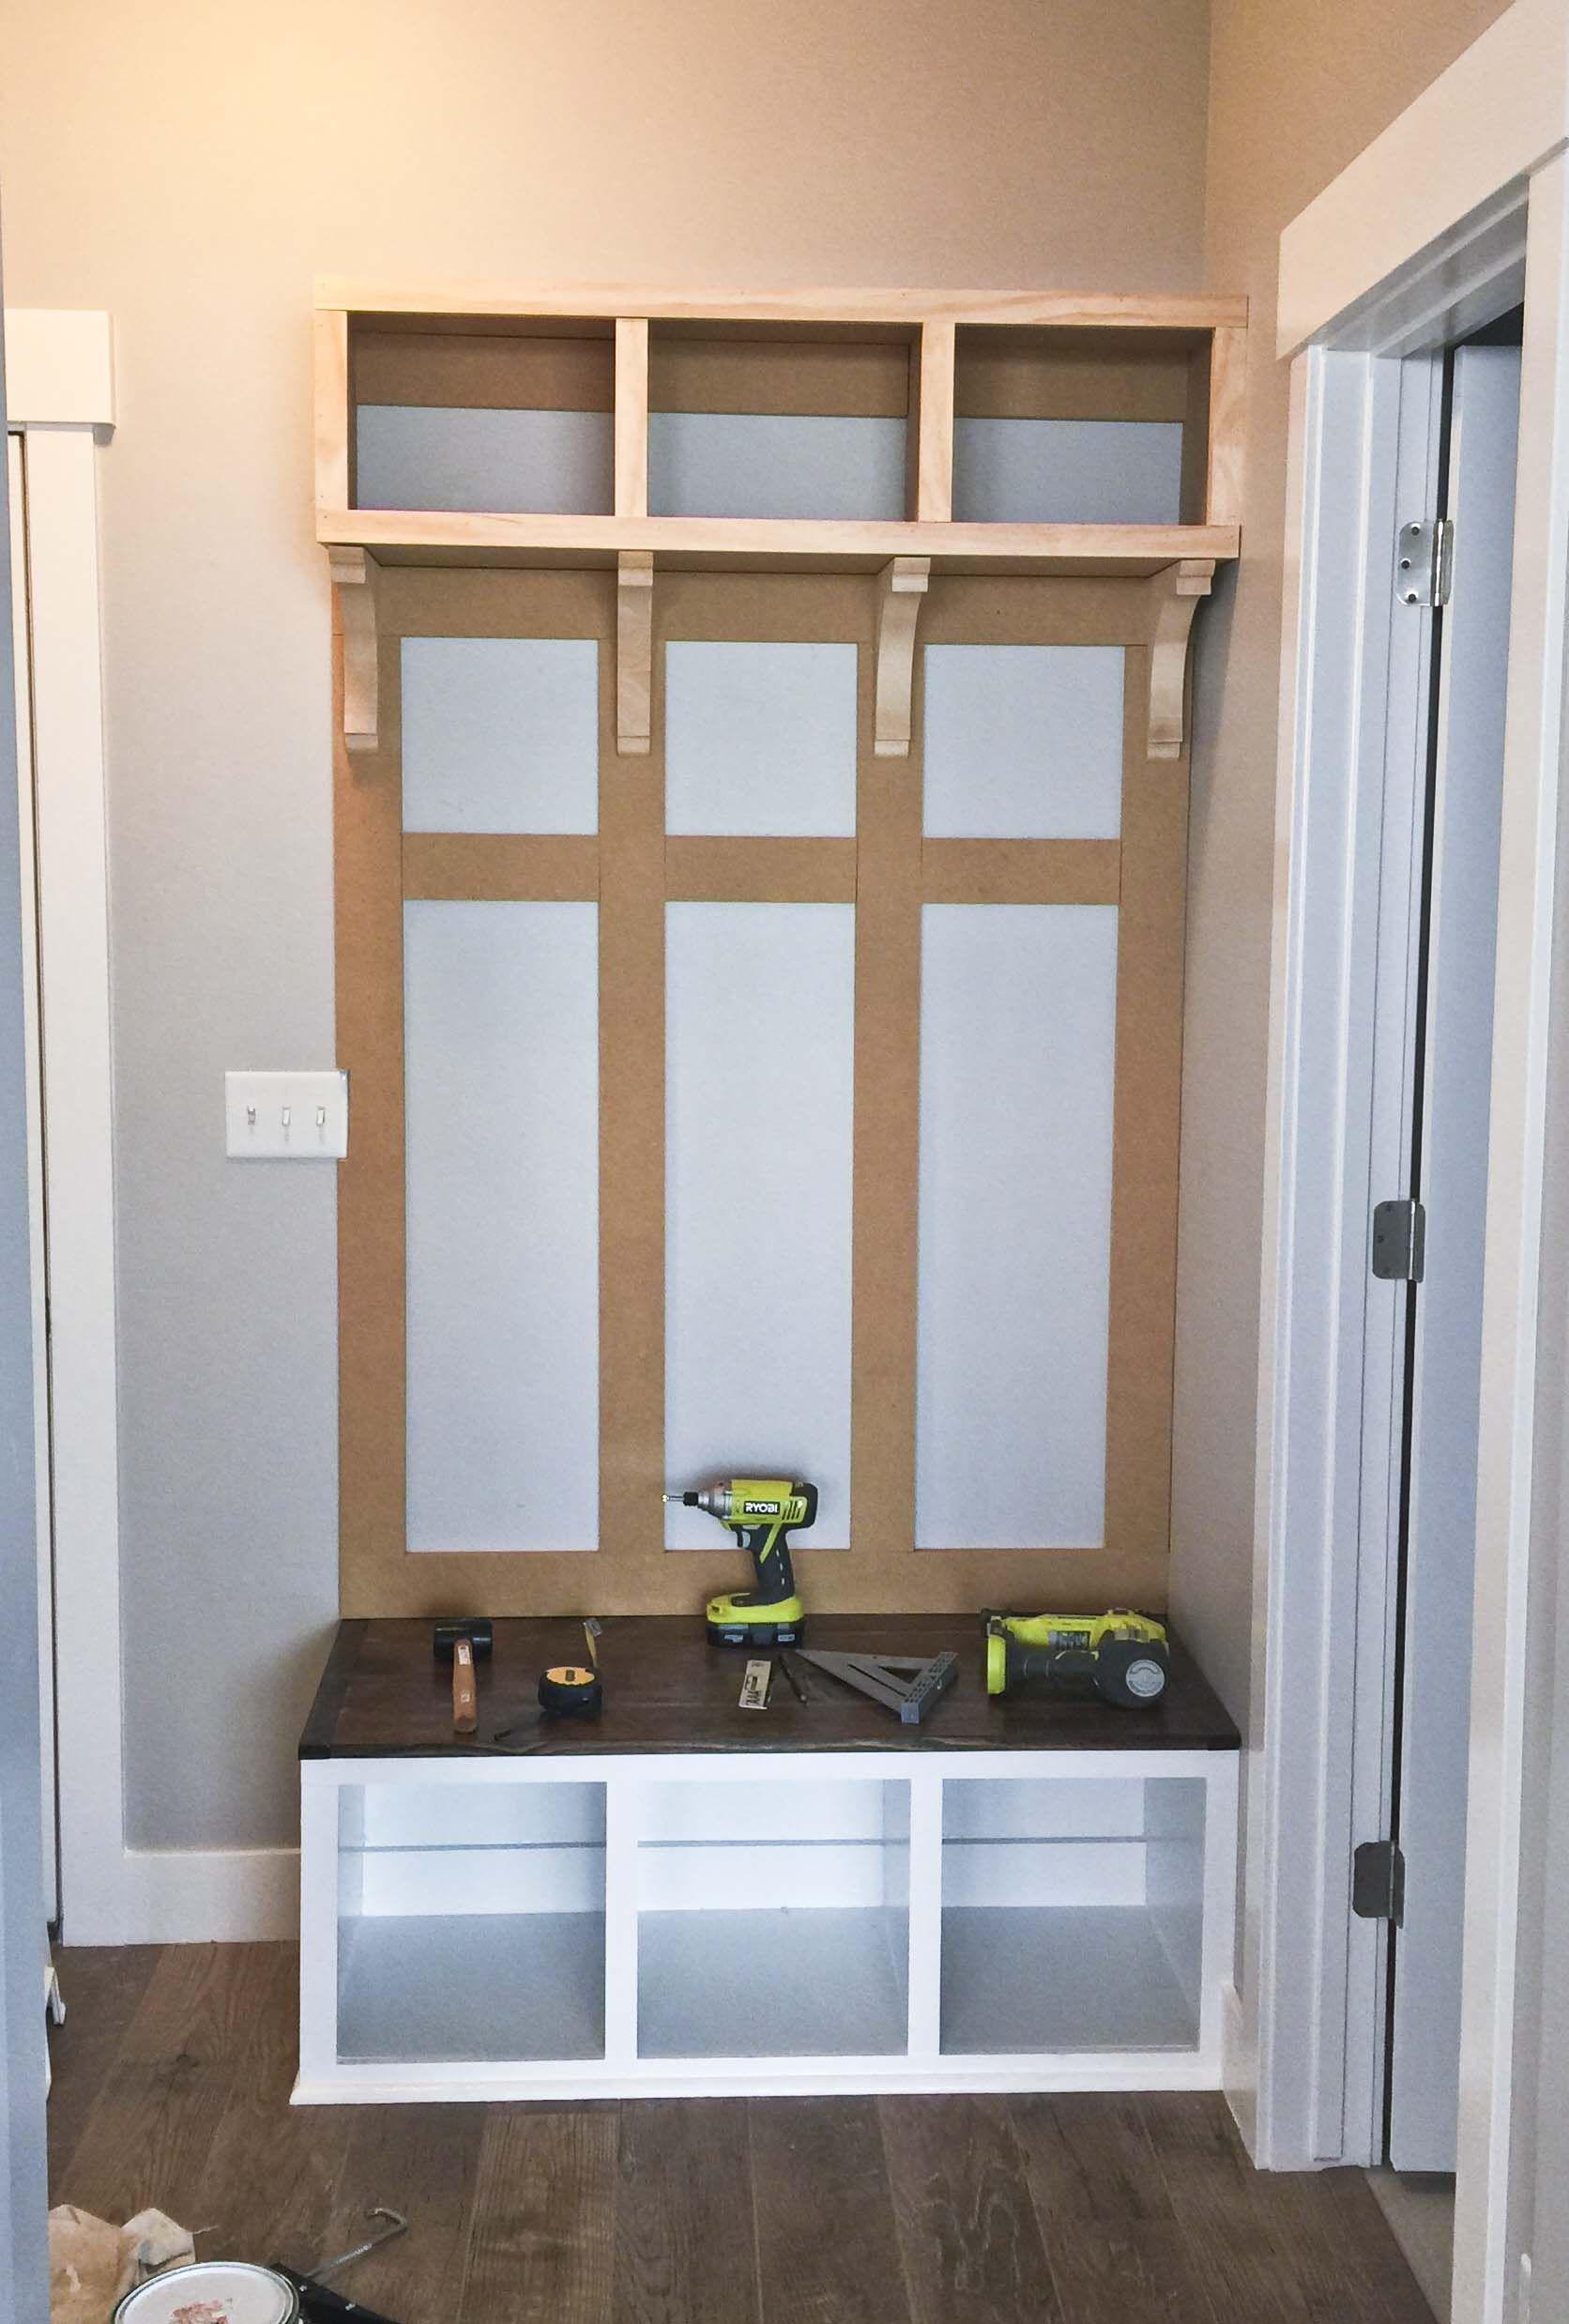 DIY Mudroom Bench Part 2 | Recibidor, Organizar la casa y Trabajo para